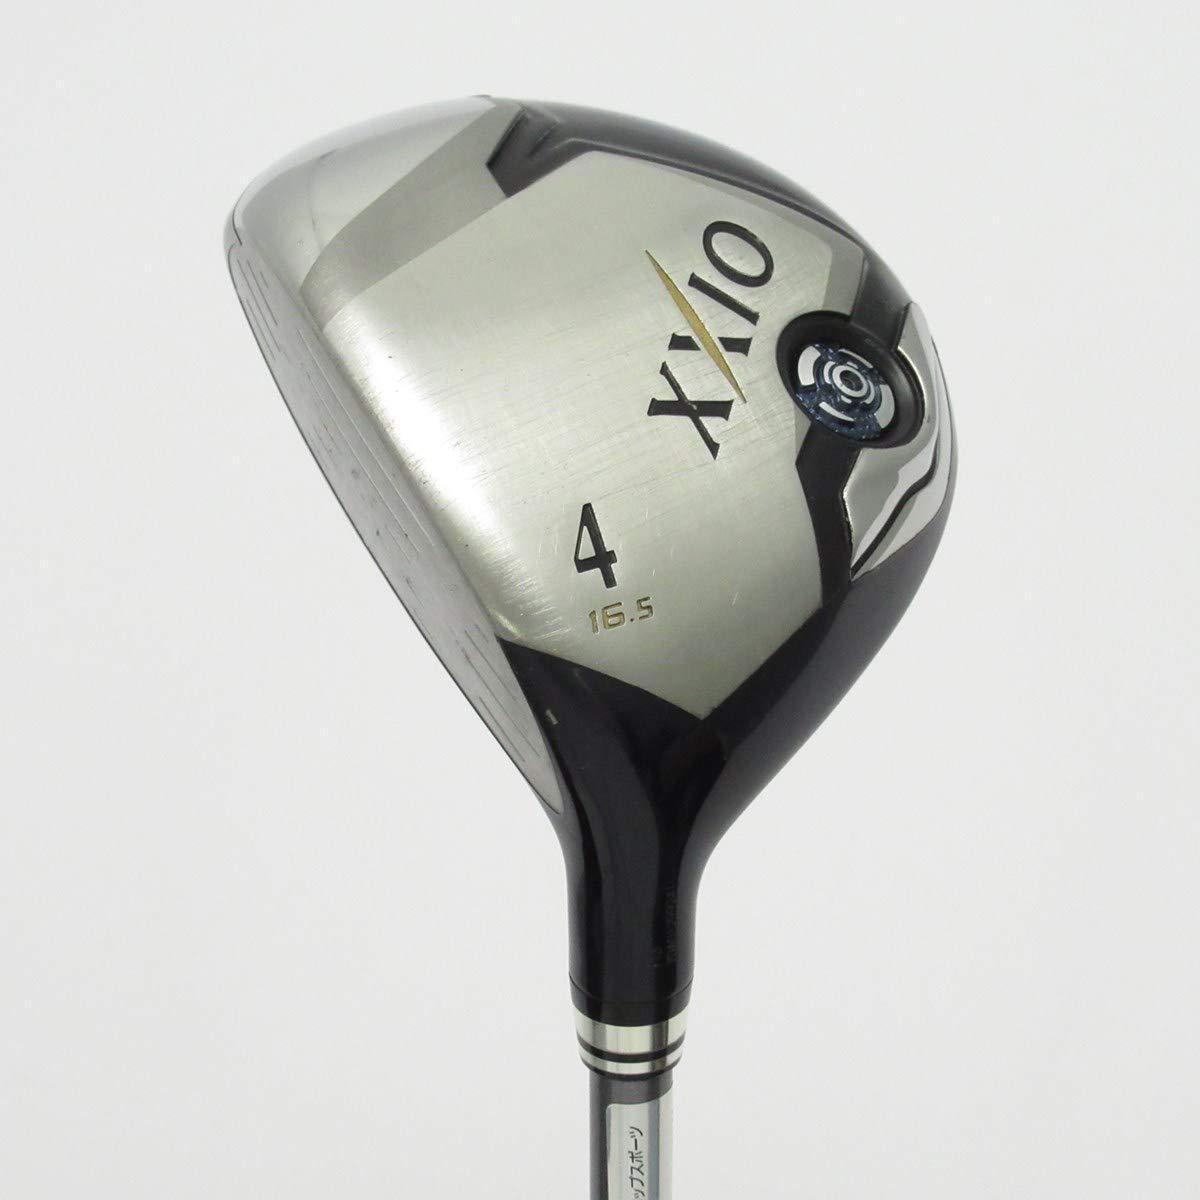 【中古】ダンロップ XXIO ゼクシオ (2012) フェアウェイウッド MP700 レフティ 【4W】 B07SSR8P4K  R